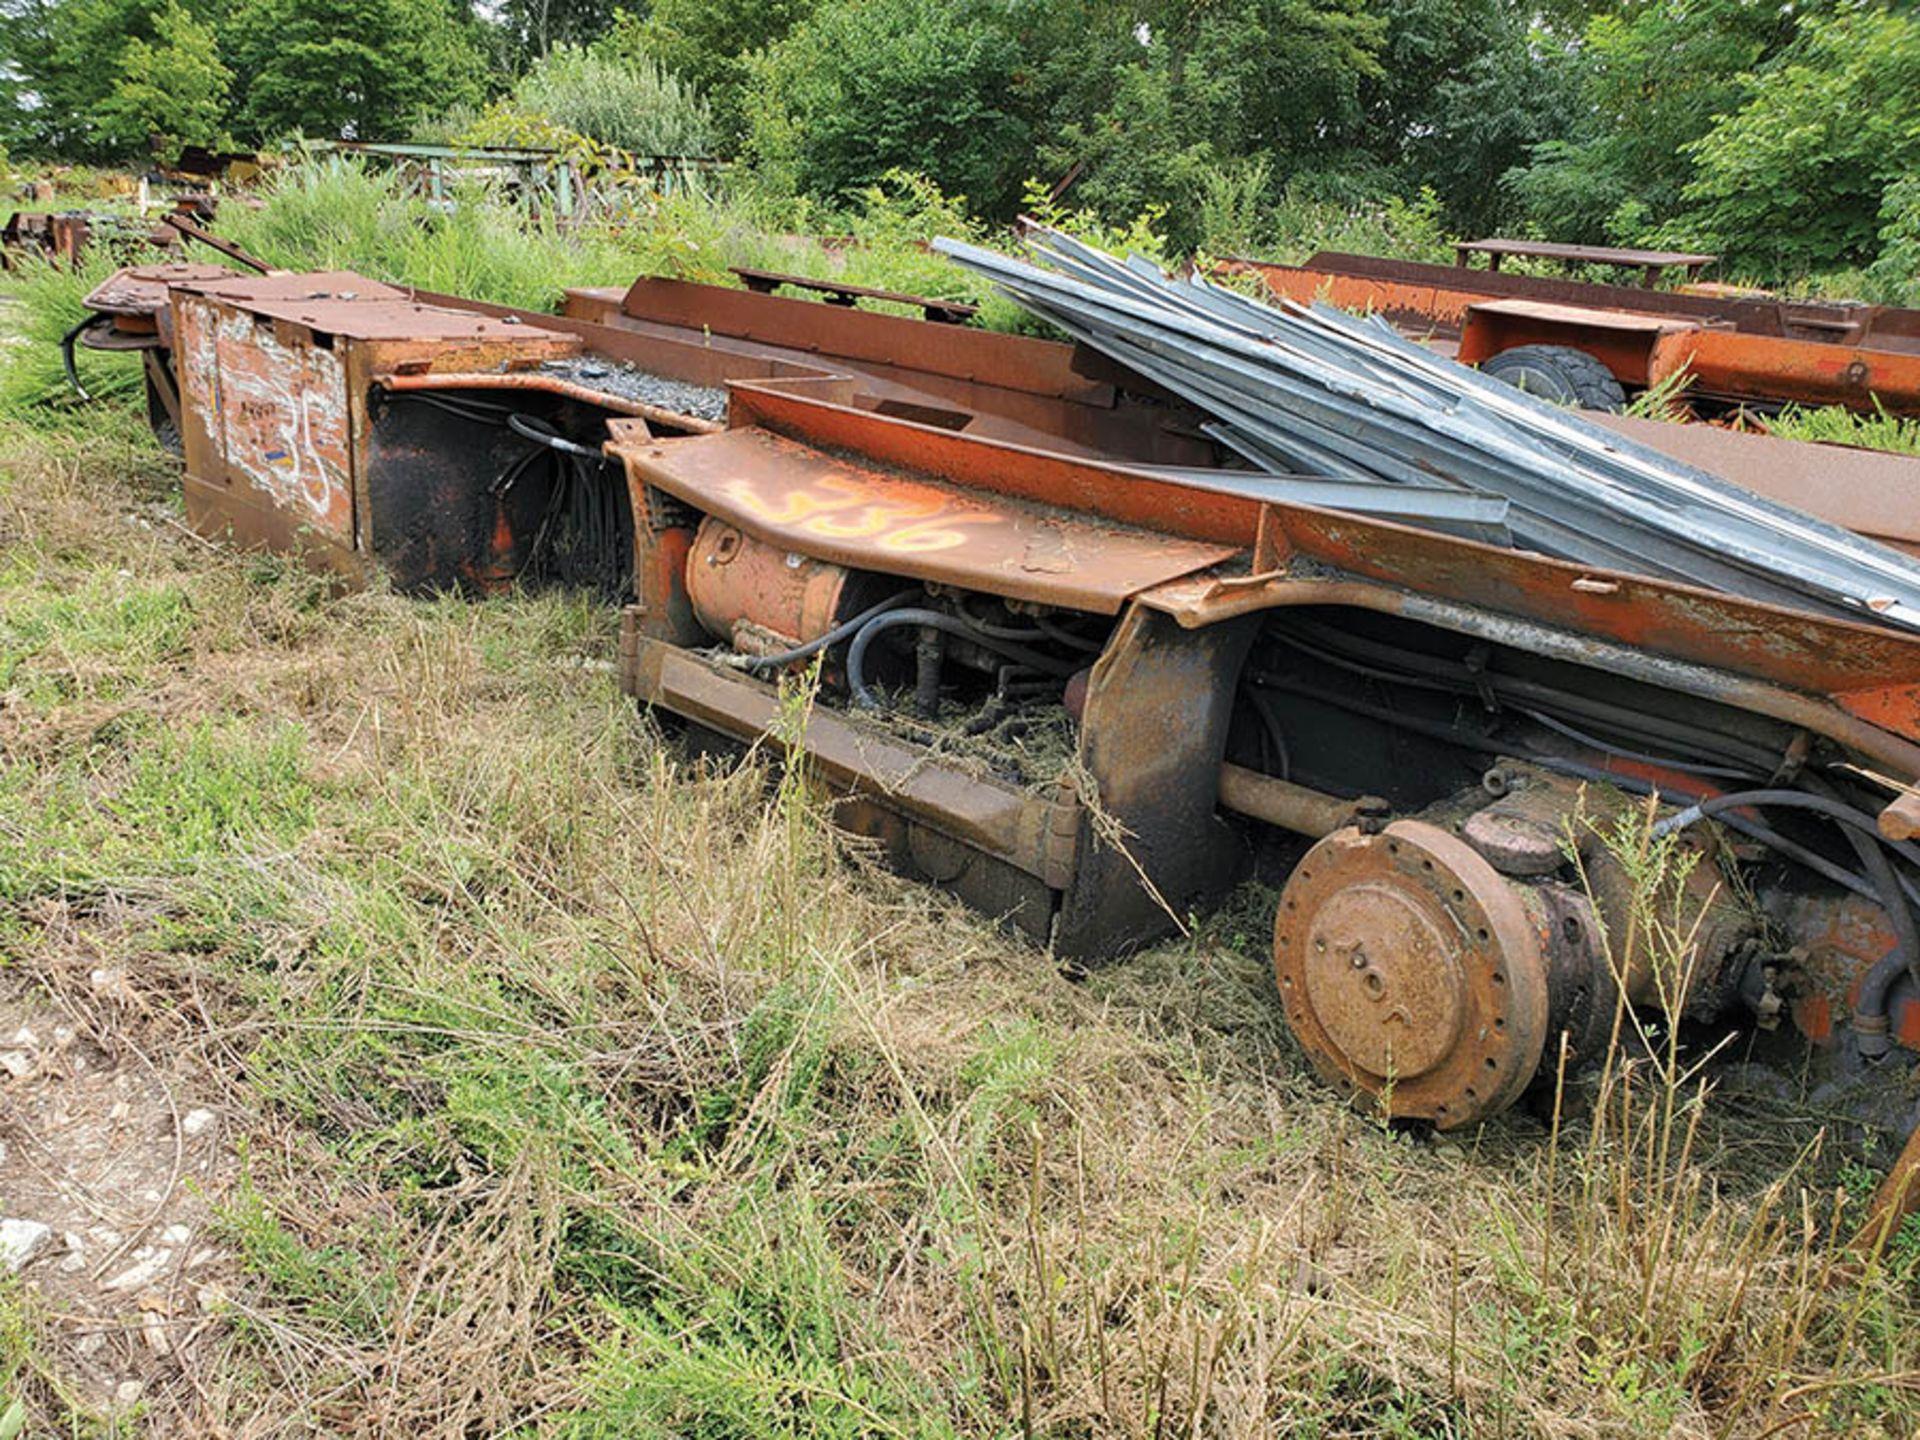 Lot 336 - JOY 10SC SHUTTLE CAR, S/N ET11243, LOCATION: CZAR SHOP